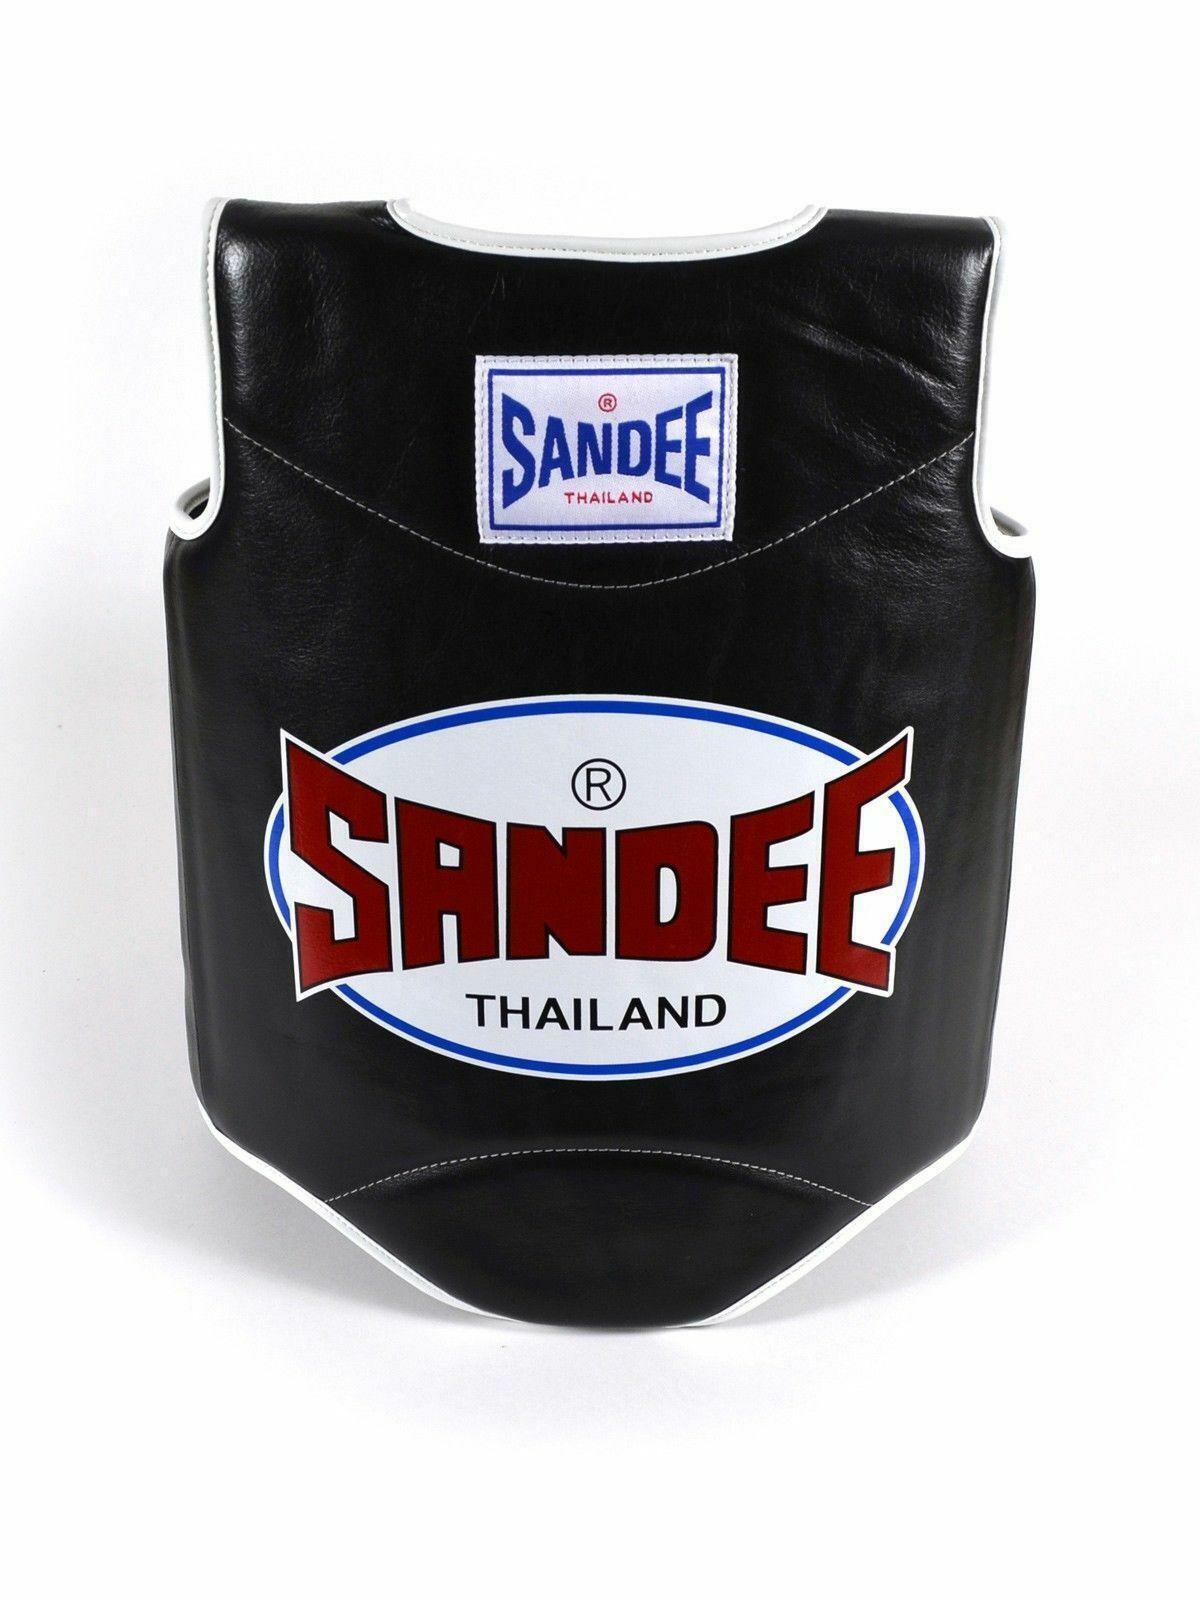 SeEE corpo Scudo Scudo Scudo Prossoezione Muay Thai scatolae Pelle sintetica nero bianco 9b5